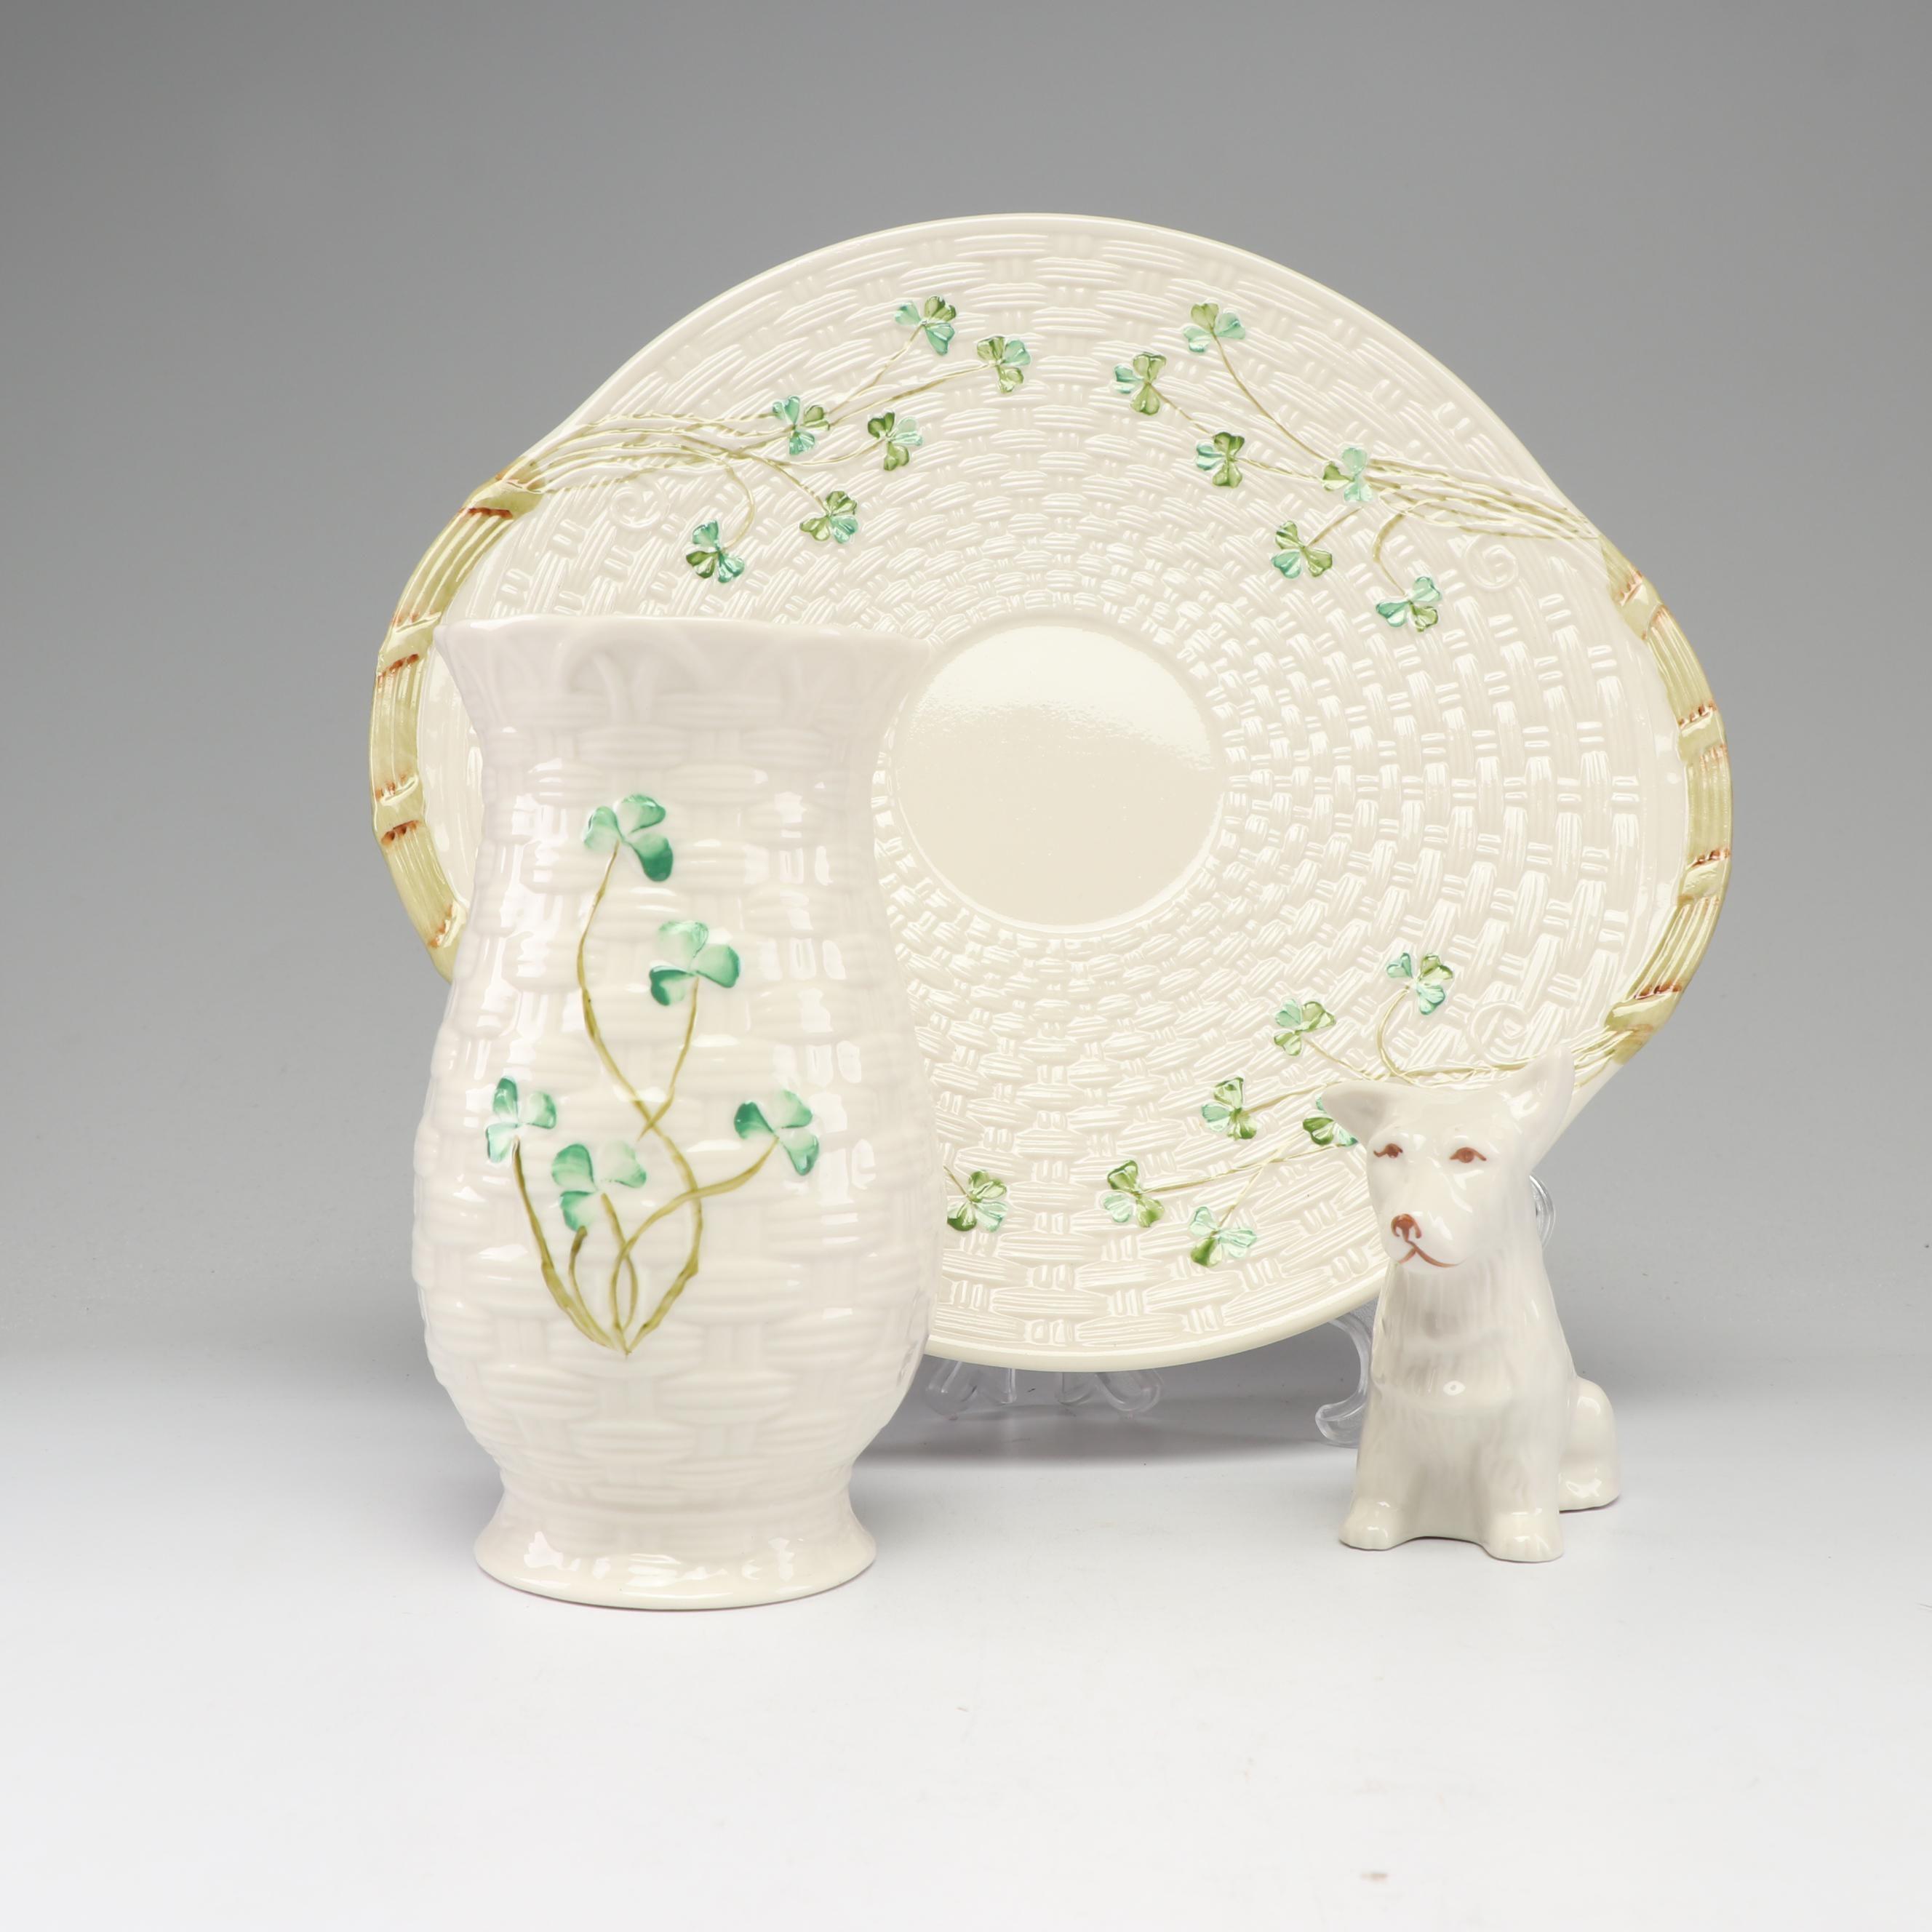 Belleek Bone China Dog Figurine, Shamrock Vase and Bread Plate